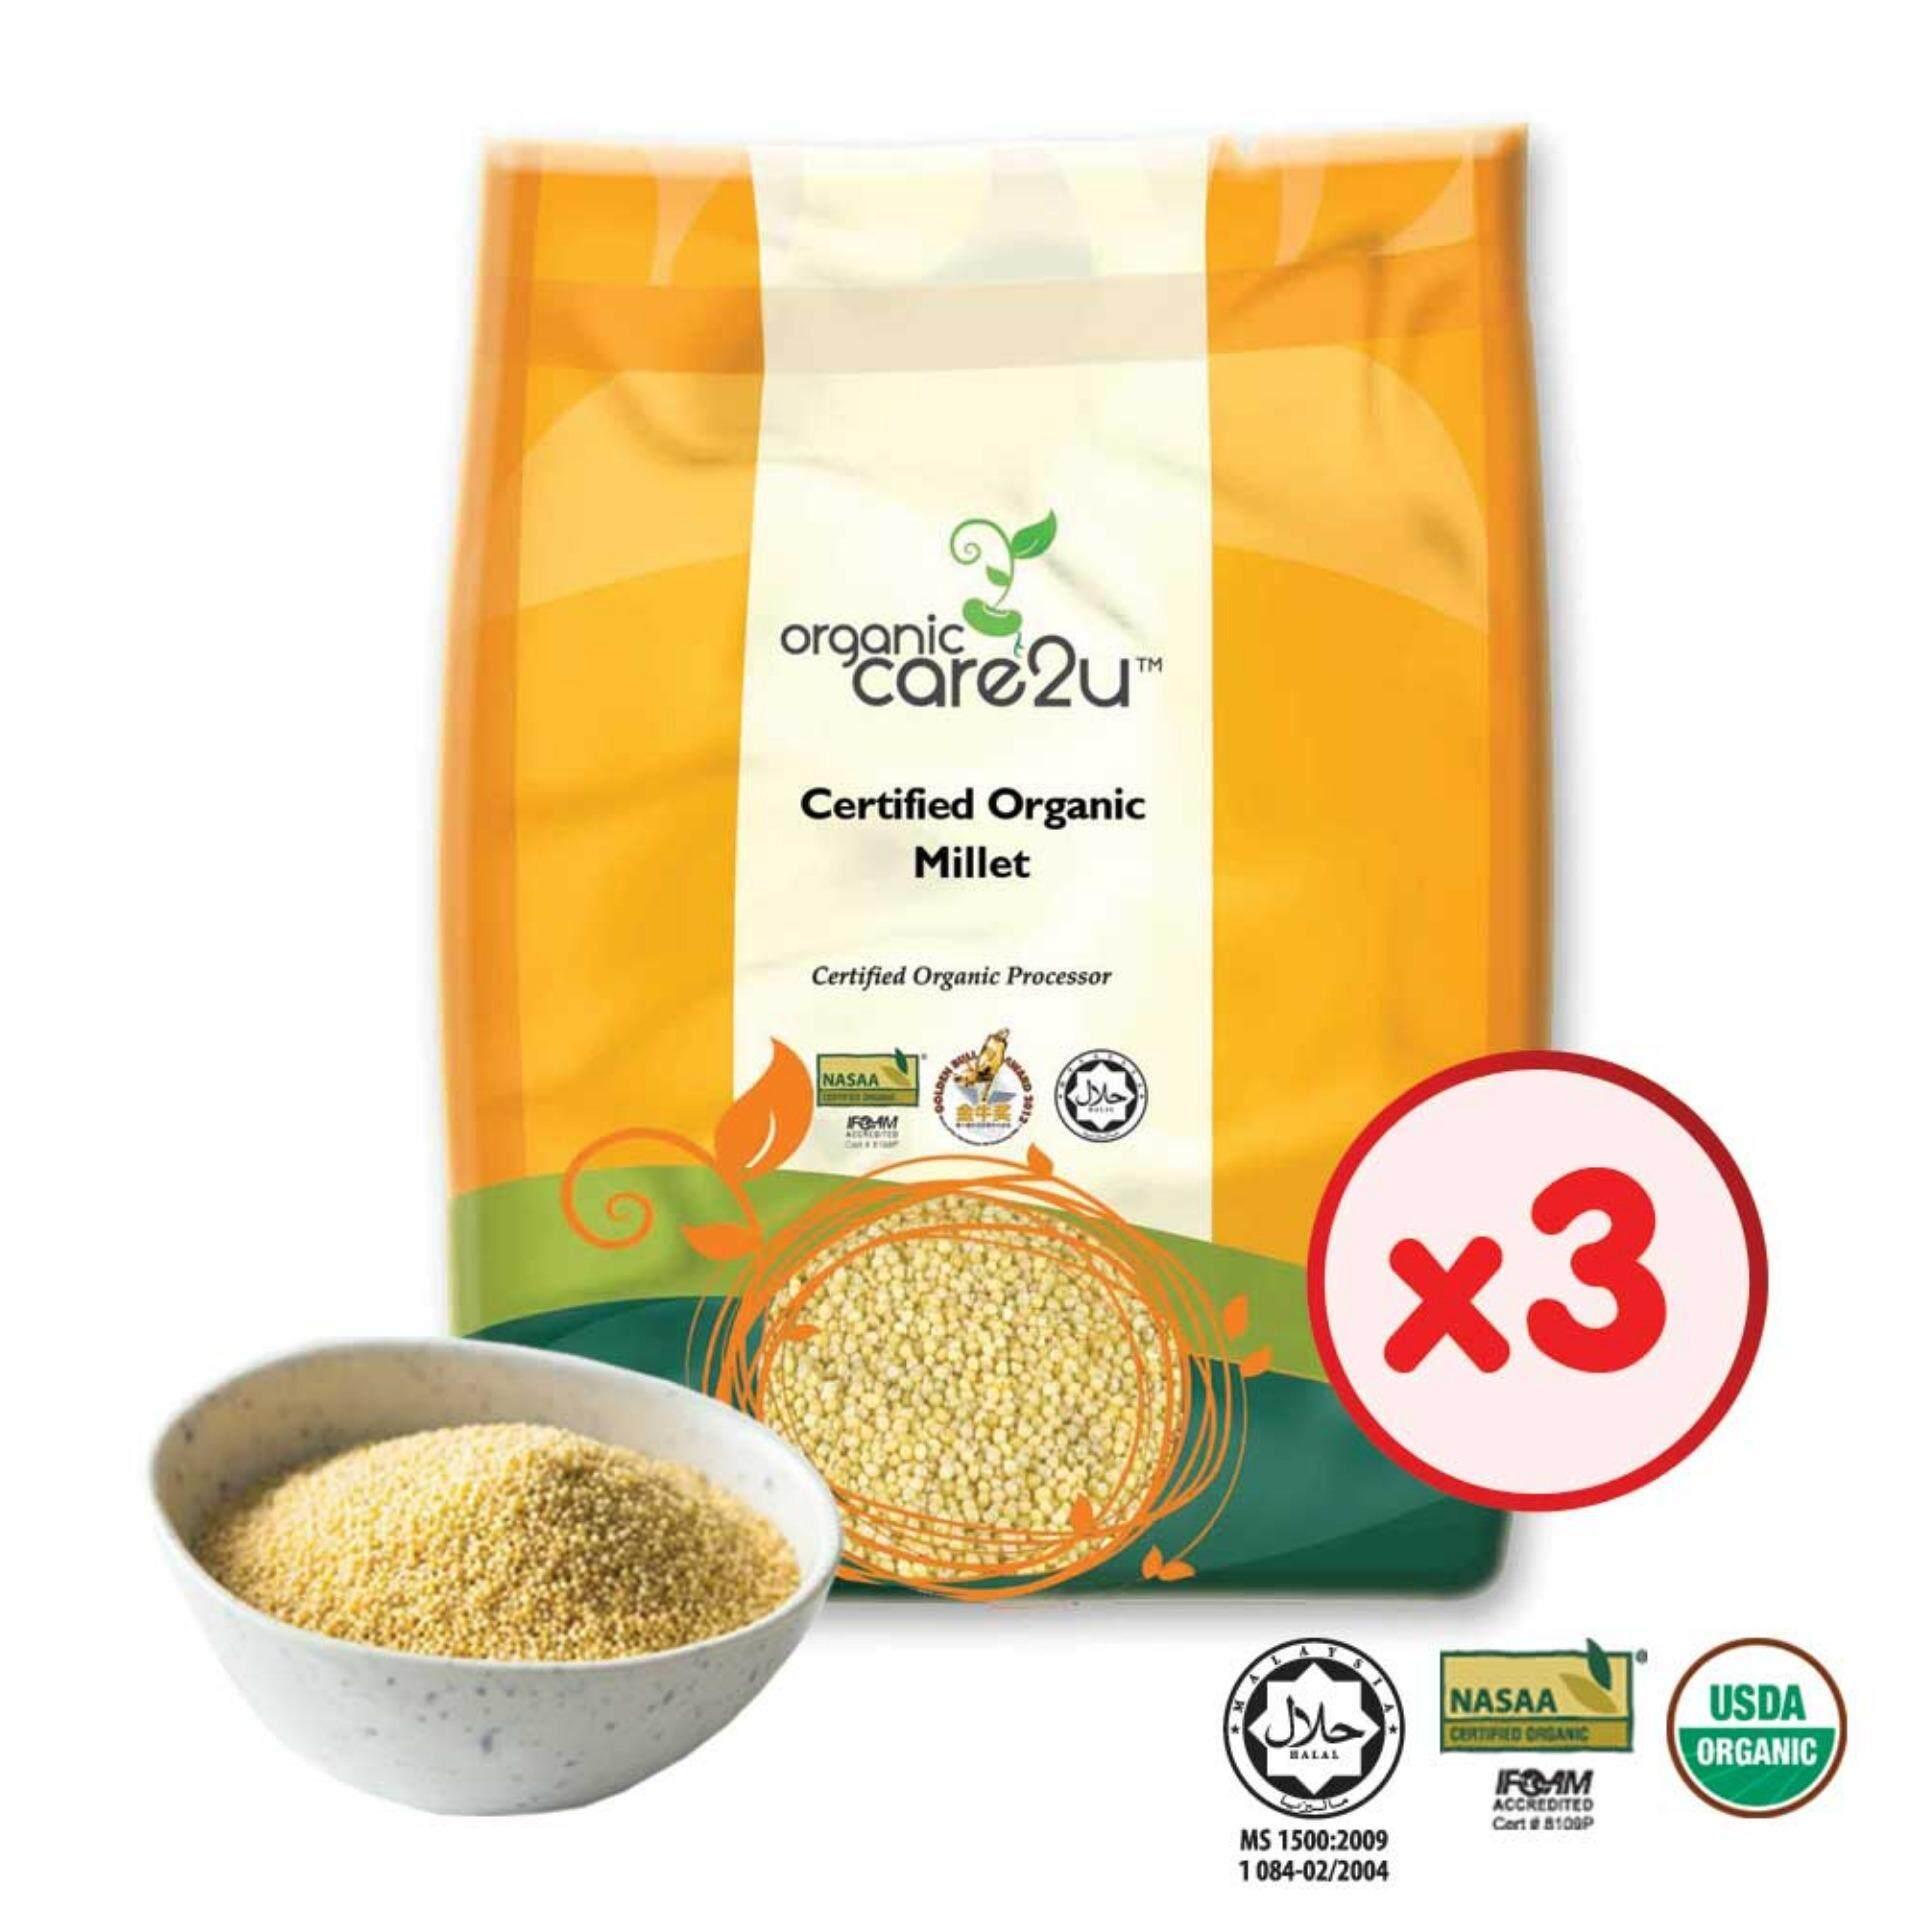 Organic Care2u Organic Millet  (400g) - [Bundle of 3]